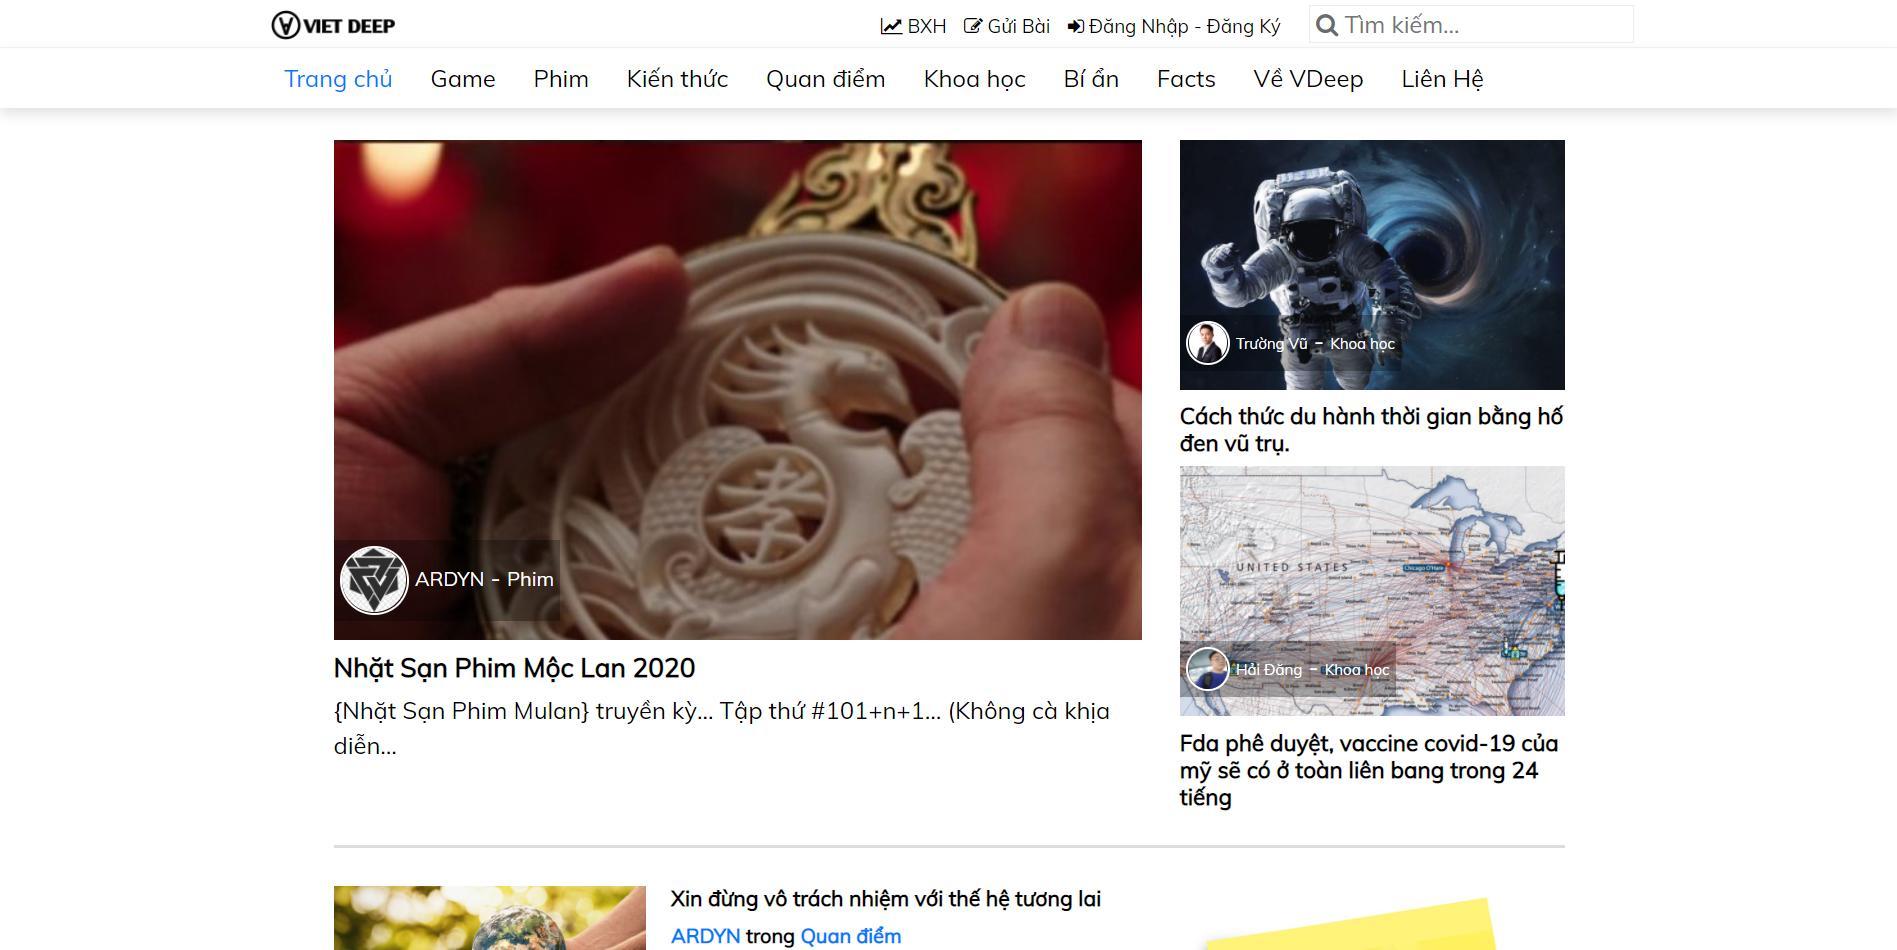 VietDeep – Mẫu web tin tức nâng cao